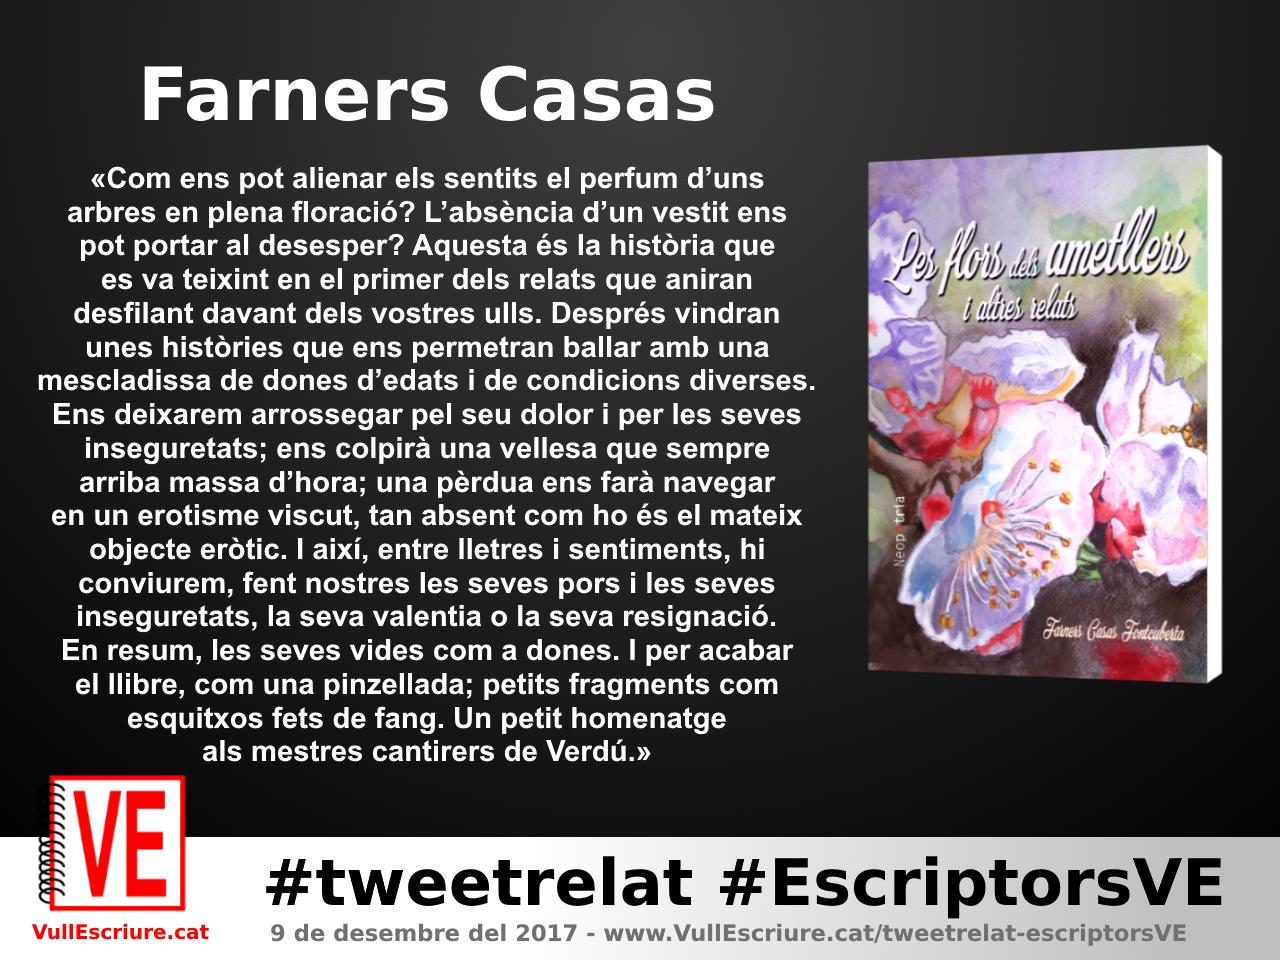 VullEscriure - Marató escriptura #tweetrelat #EscriptorsVE - Farnes Casas - Les flors dels ametllers i altres contes